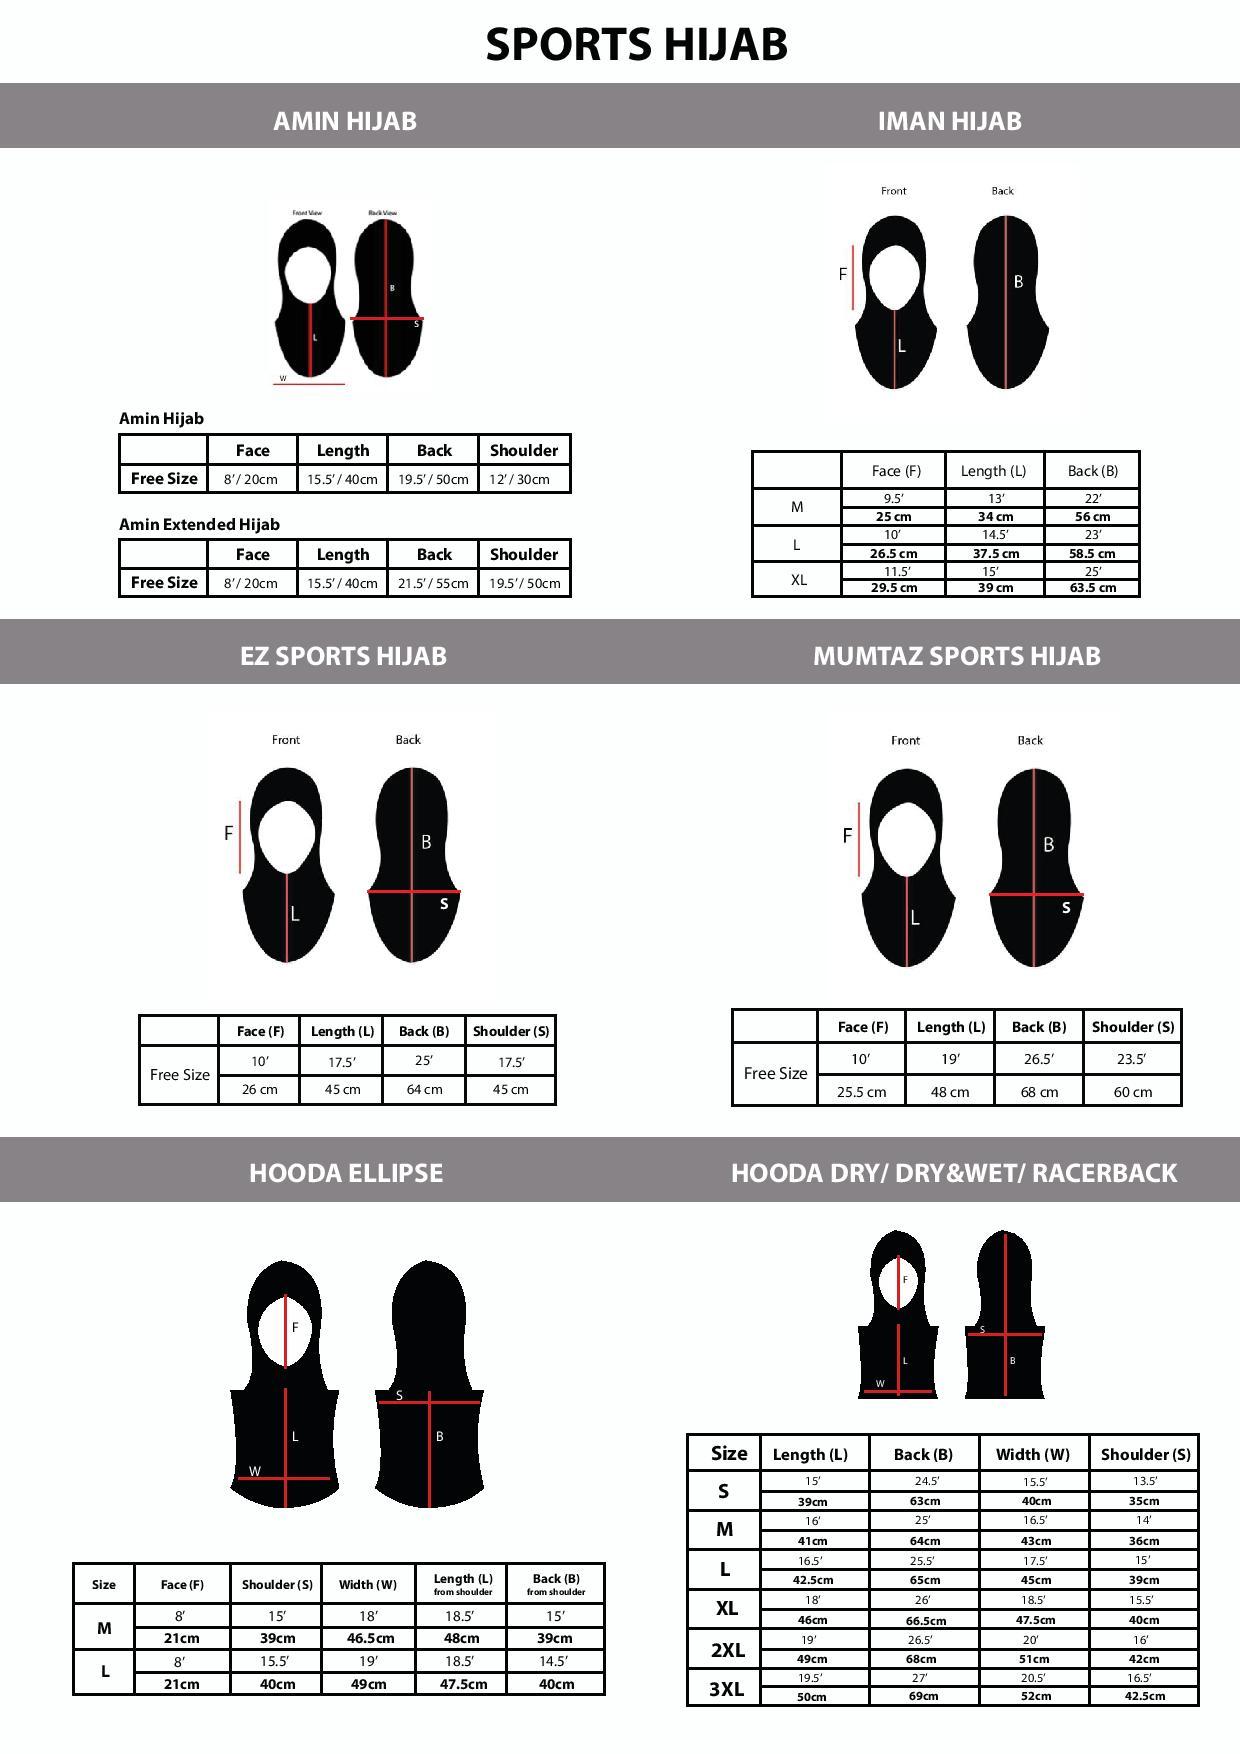 Hijab Size Chart